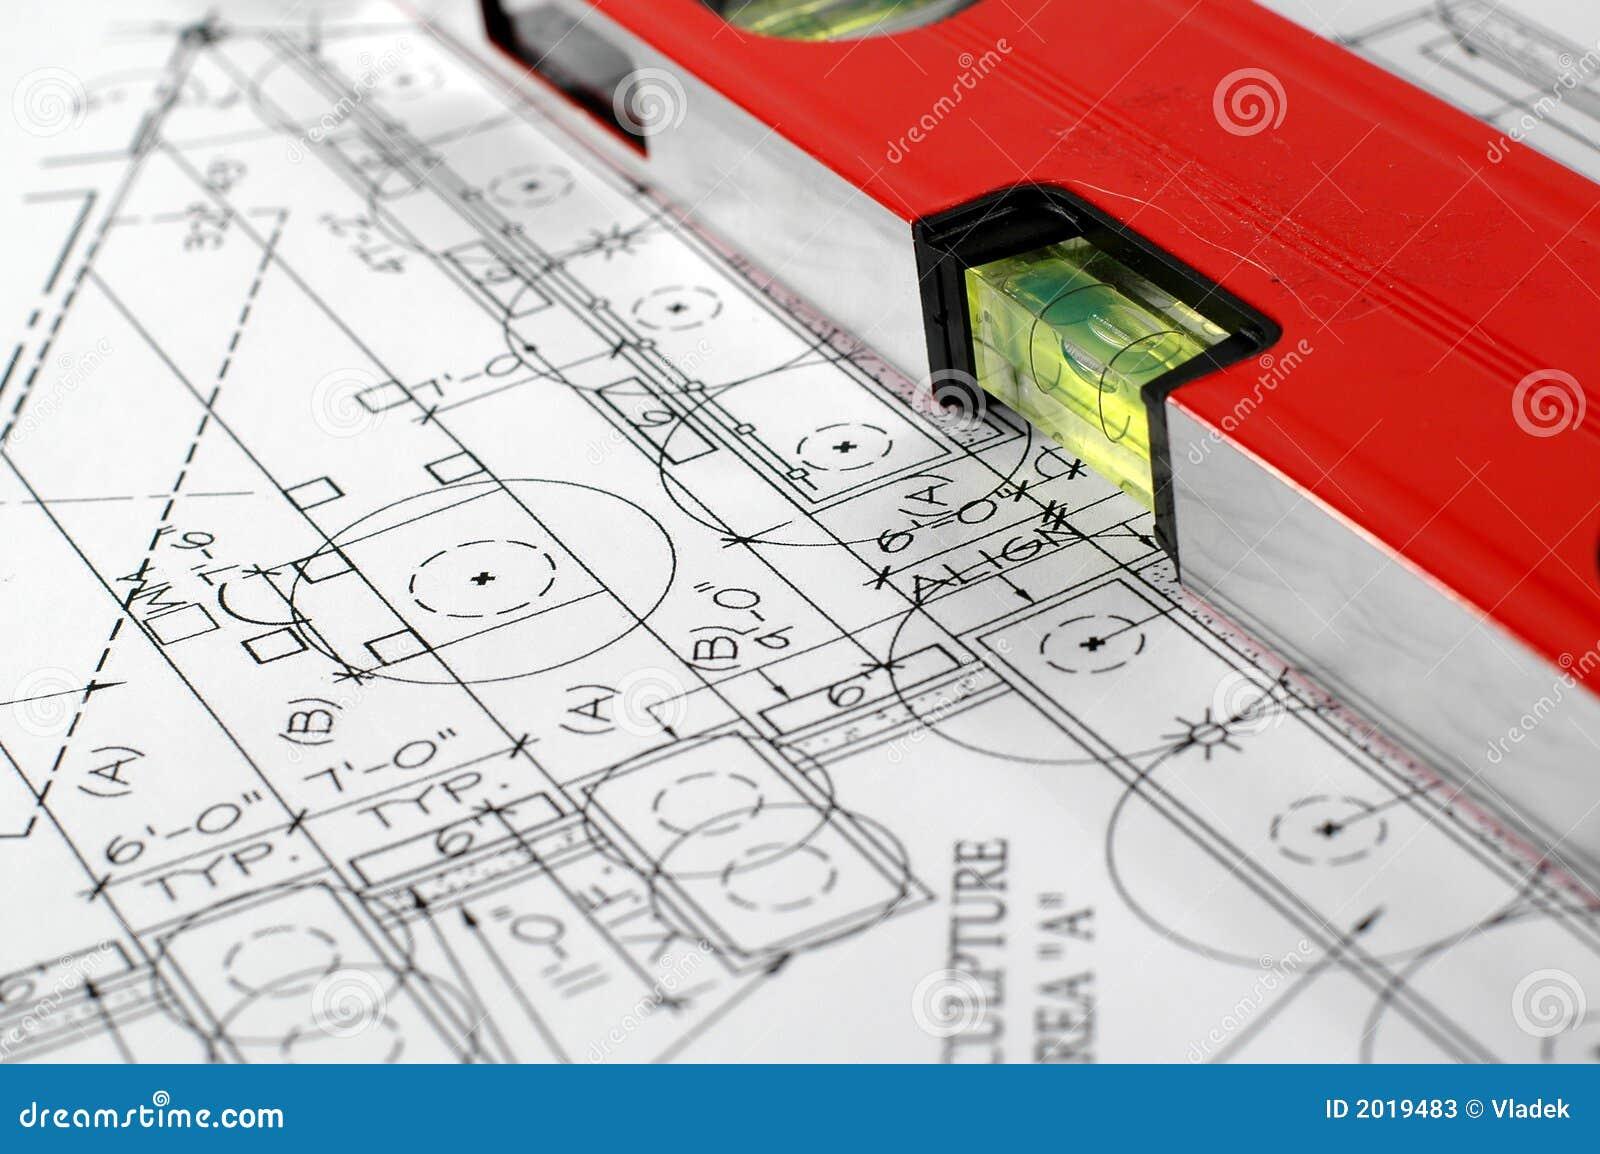 Plan architectural de maison